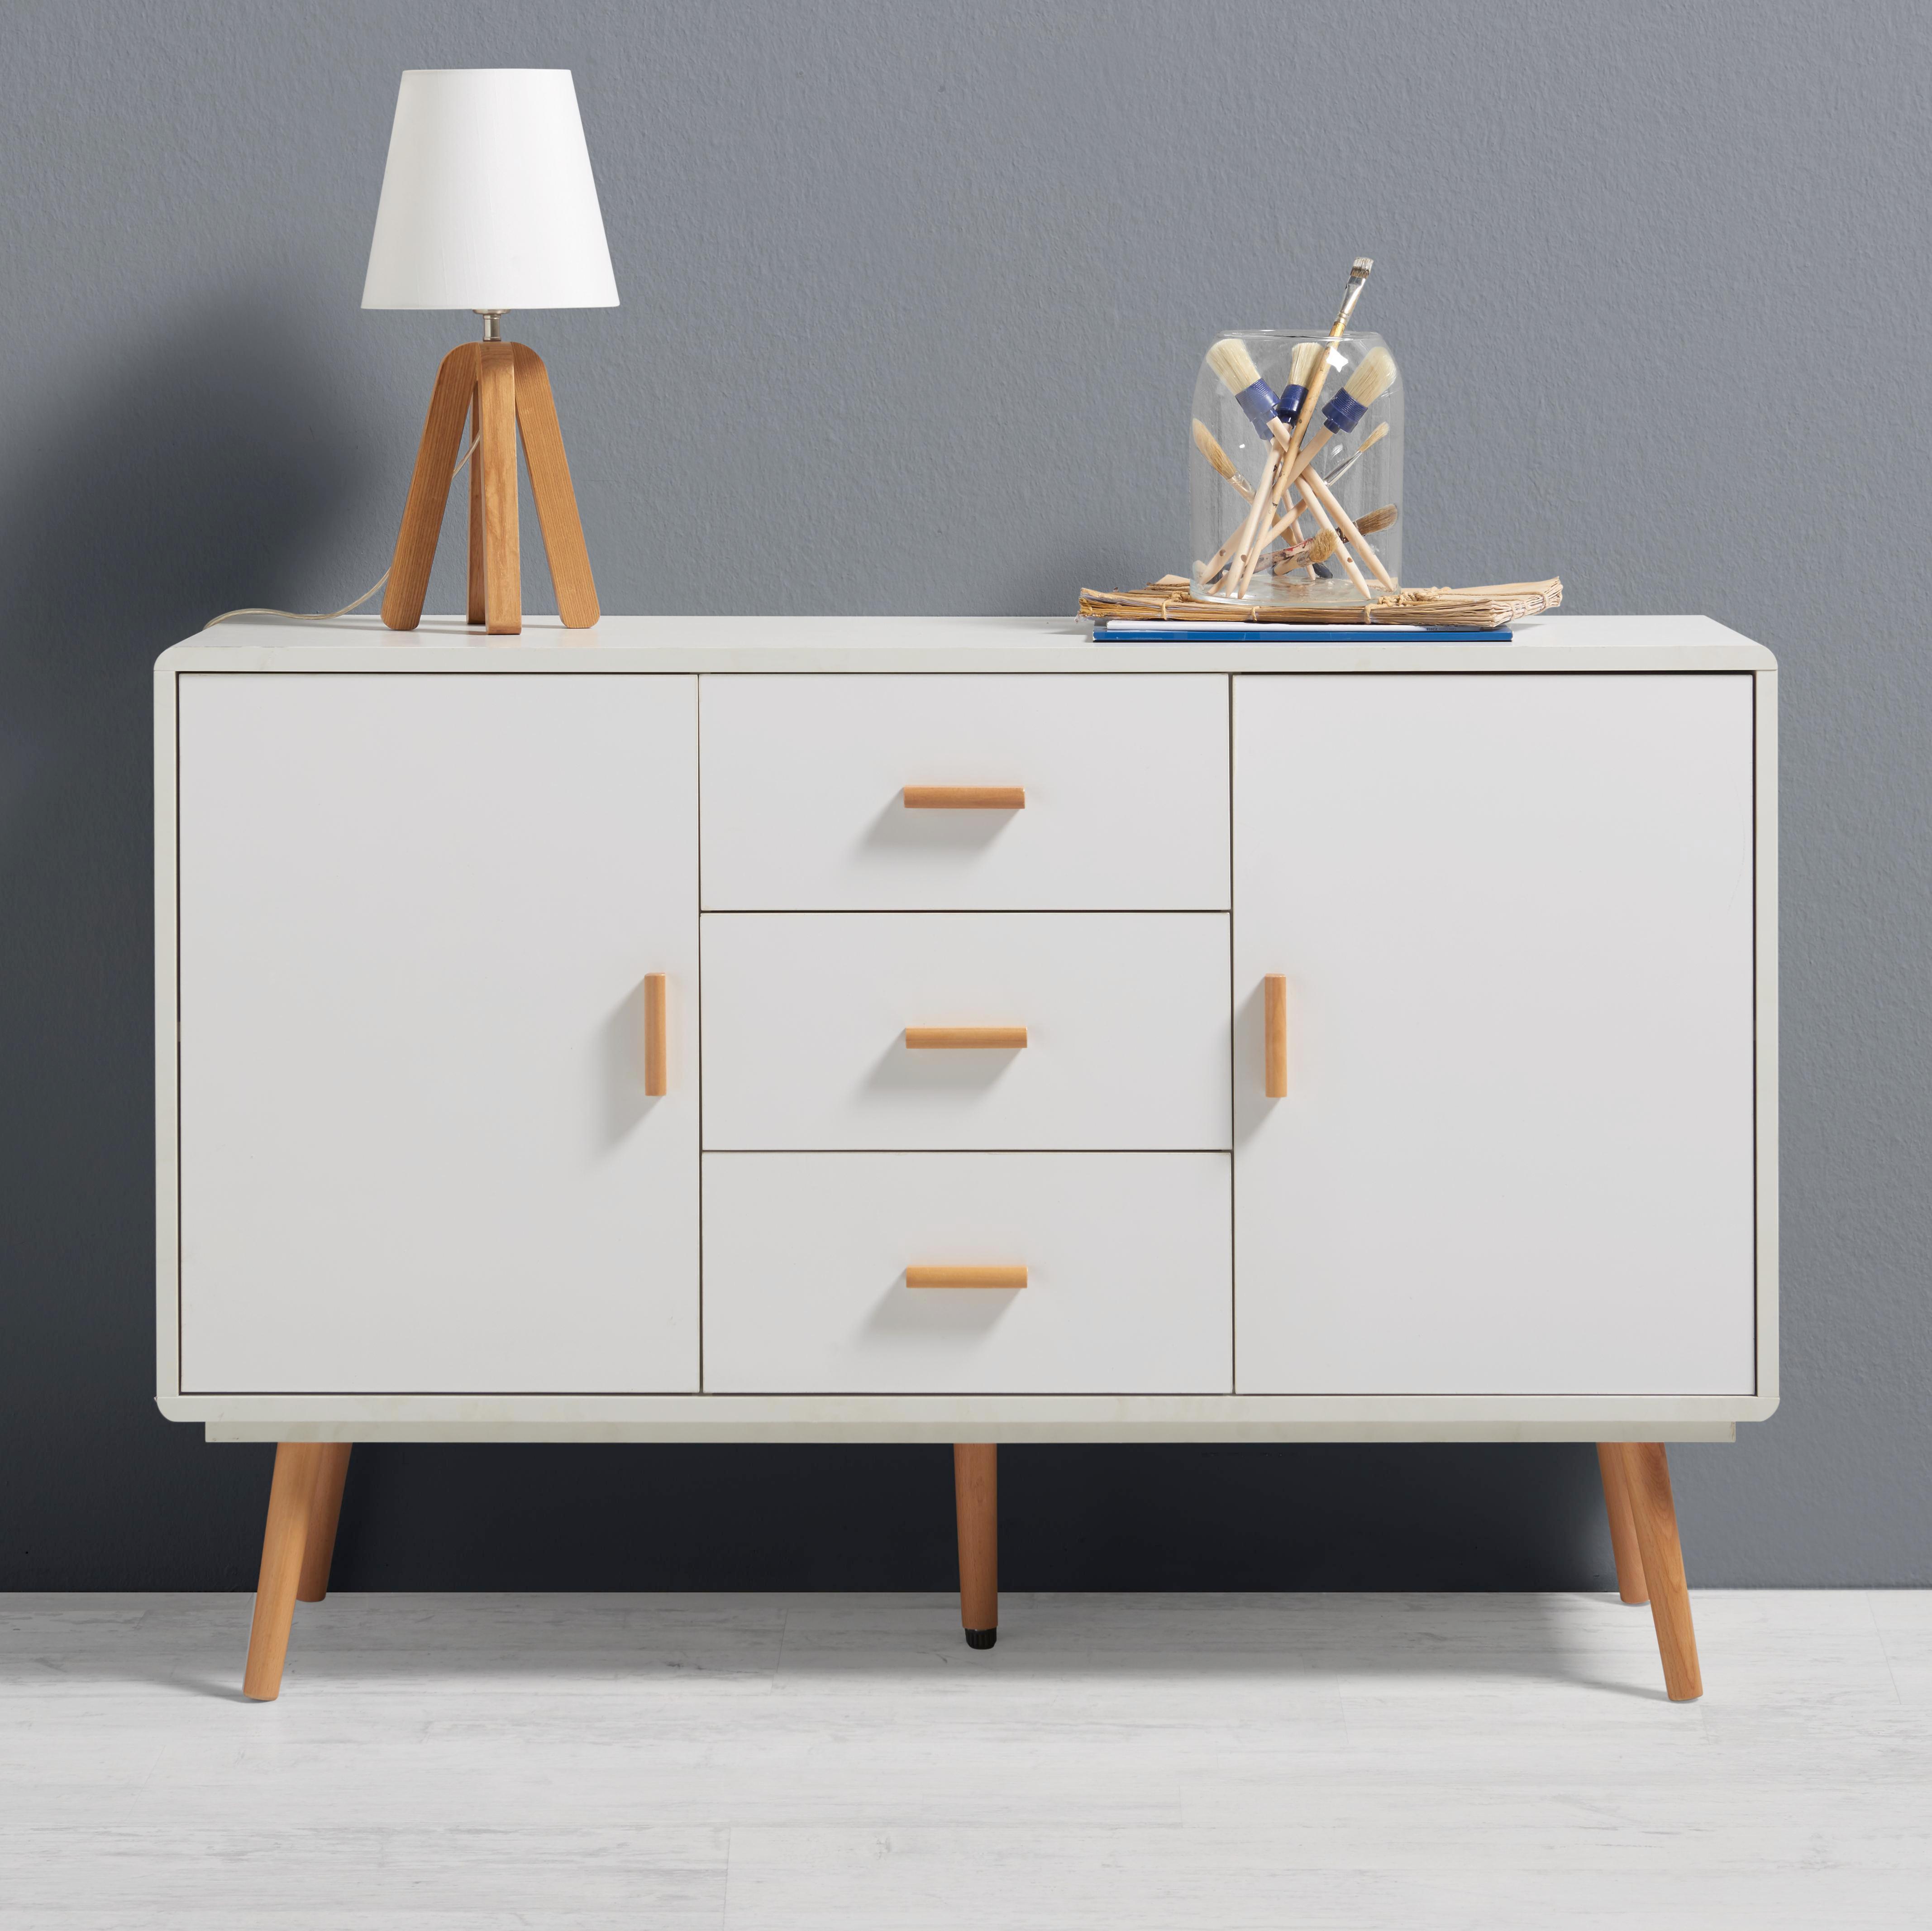 sideboard holz sideboard liveedge cm akazie braun schbe tren sideboards with sideboard holz. Black Bedroom Furniture Sets. Home Design Ideas